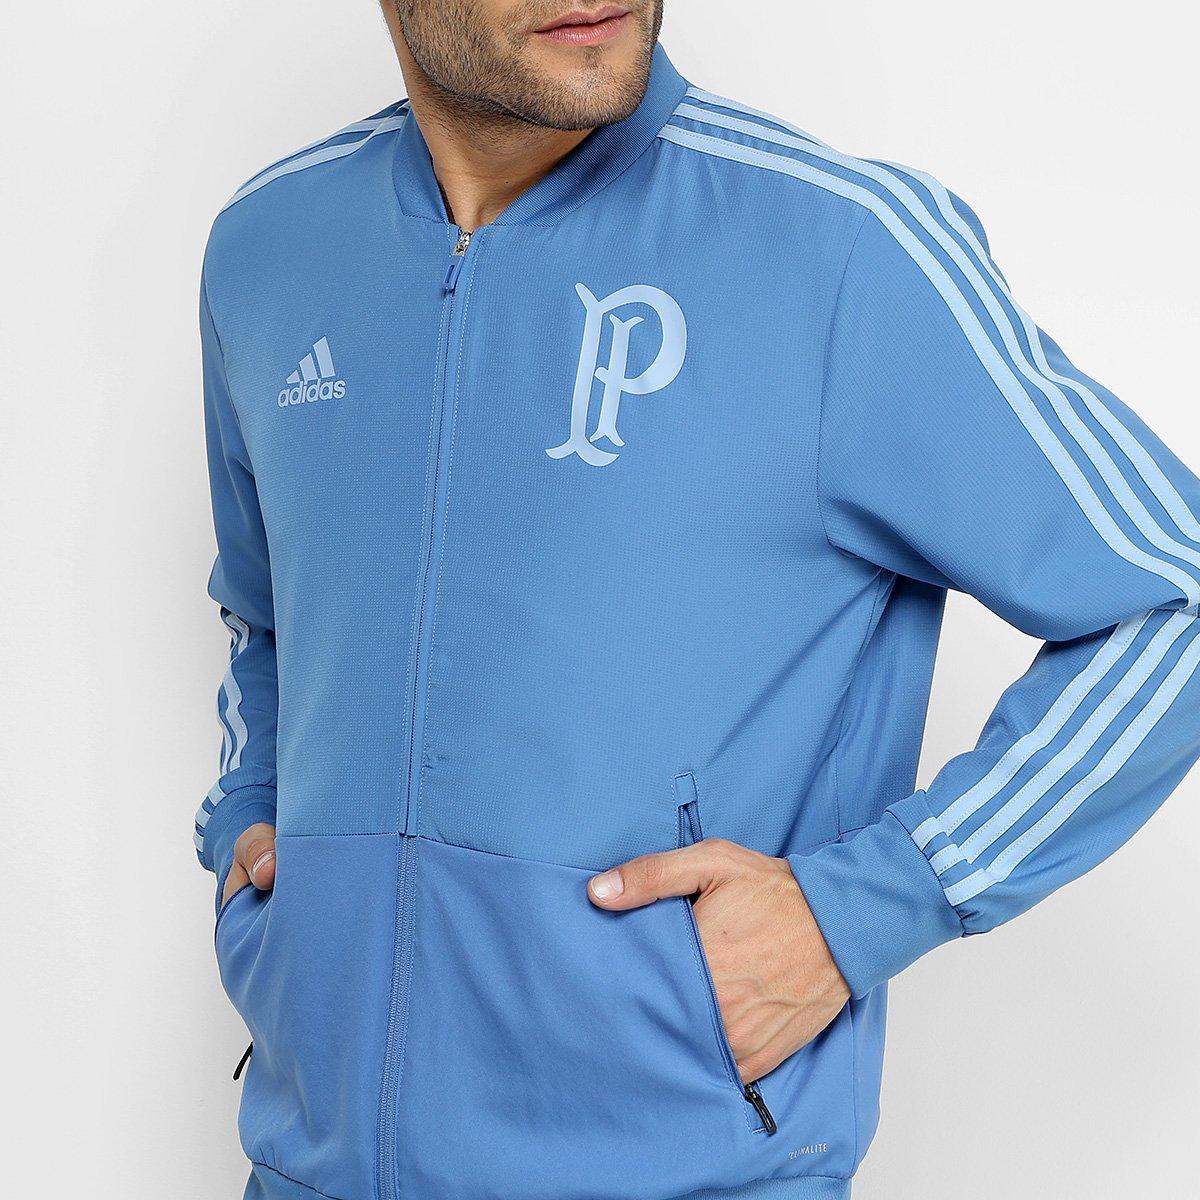 Jaqueta Palmeiras Adidas Viagem Masculina - Azul - Compre Agora ... 68f8179d1949d